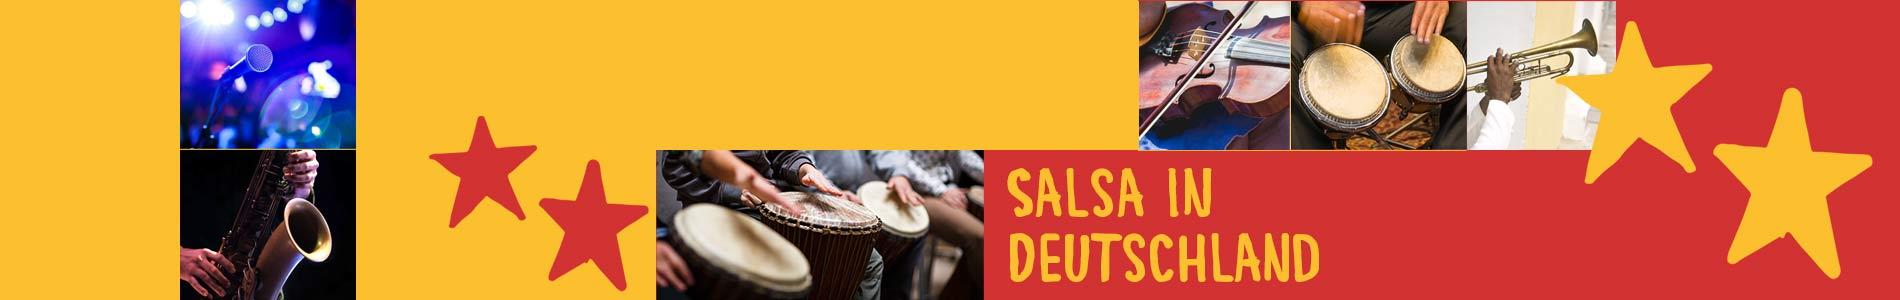 Salsa in Buttelstedt – Salsa lernen und tanzen, Tanzkurse, Partys, Veranstaltungen